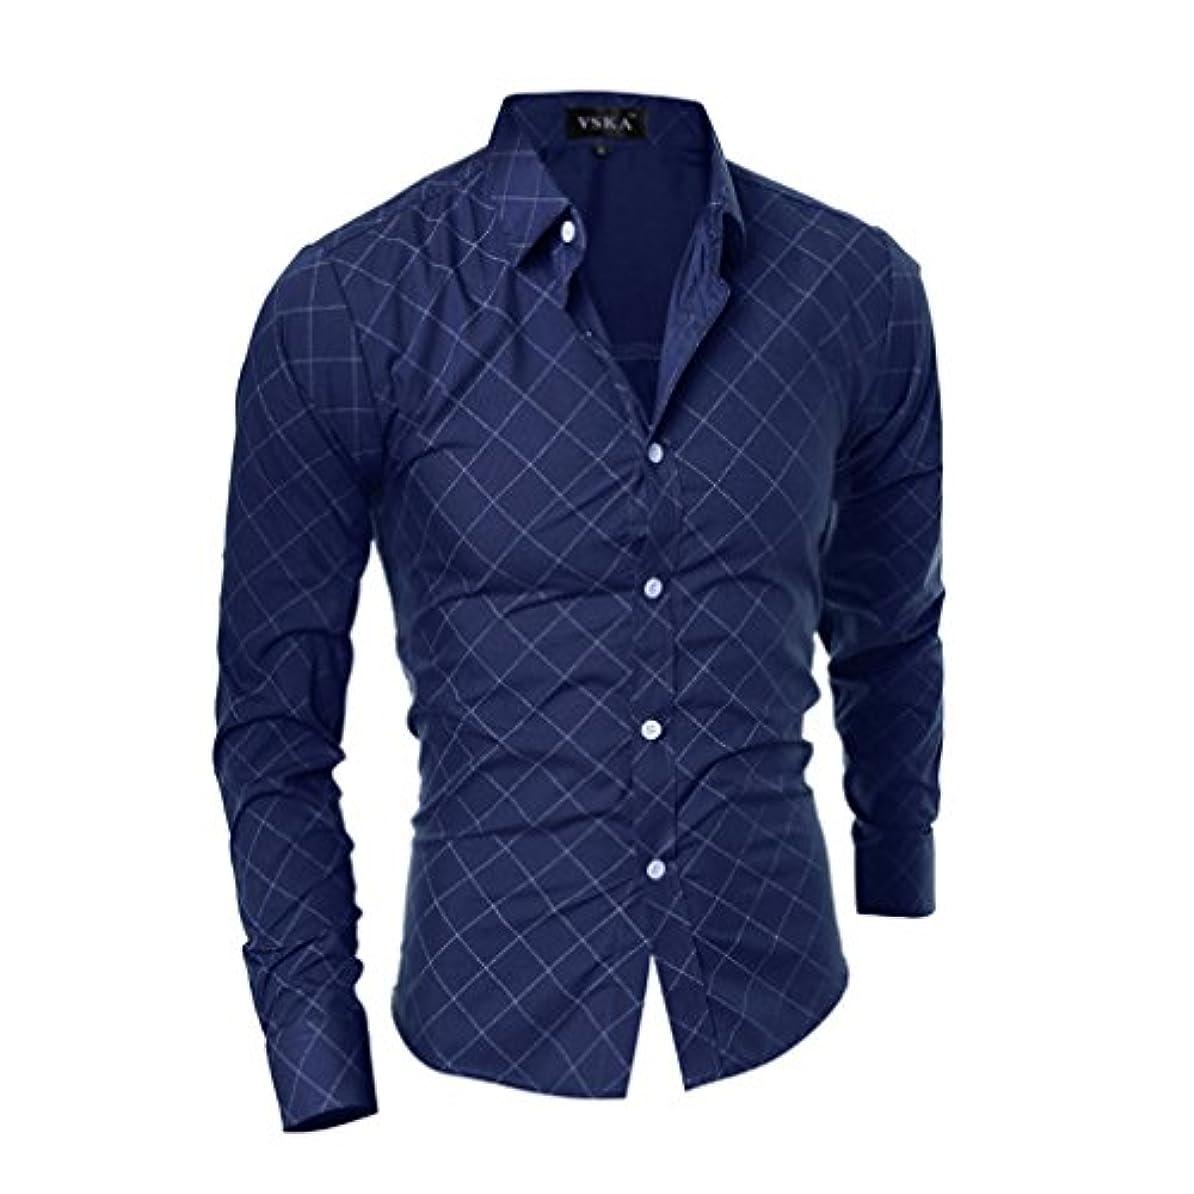 共同選択手伝う路面電車Honghu メンズ シャツ 長袖 チェック柄 カジュアル スリム  ブルー M 1PC